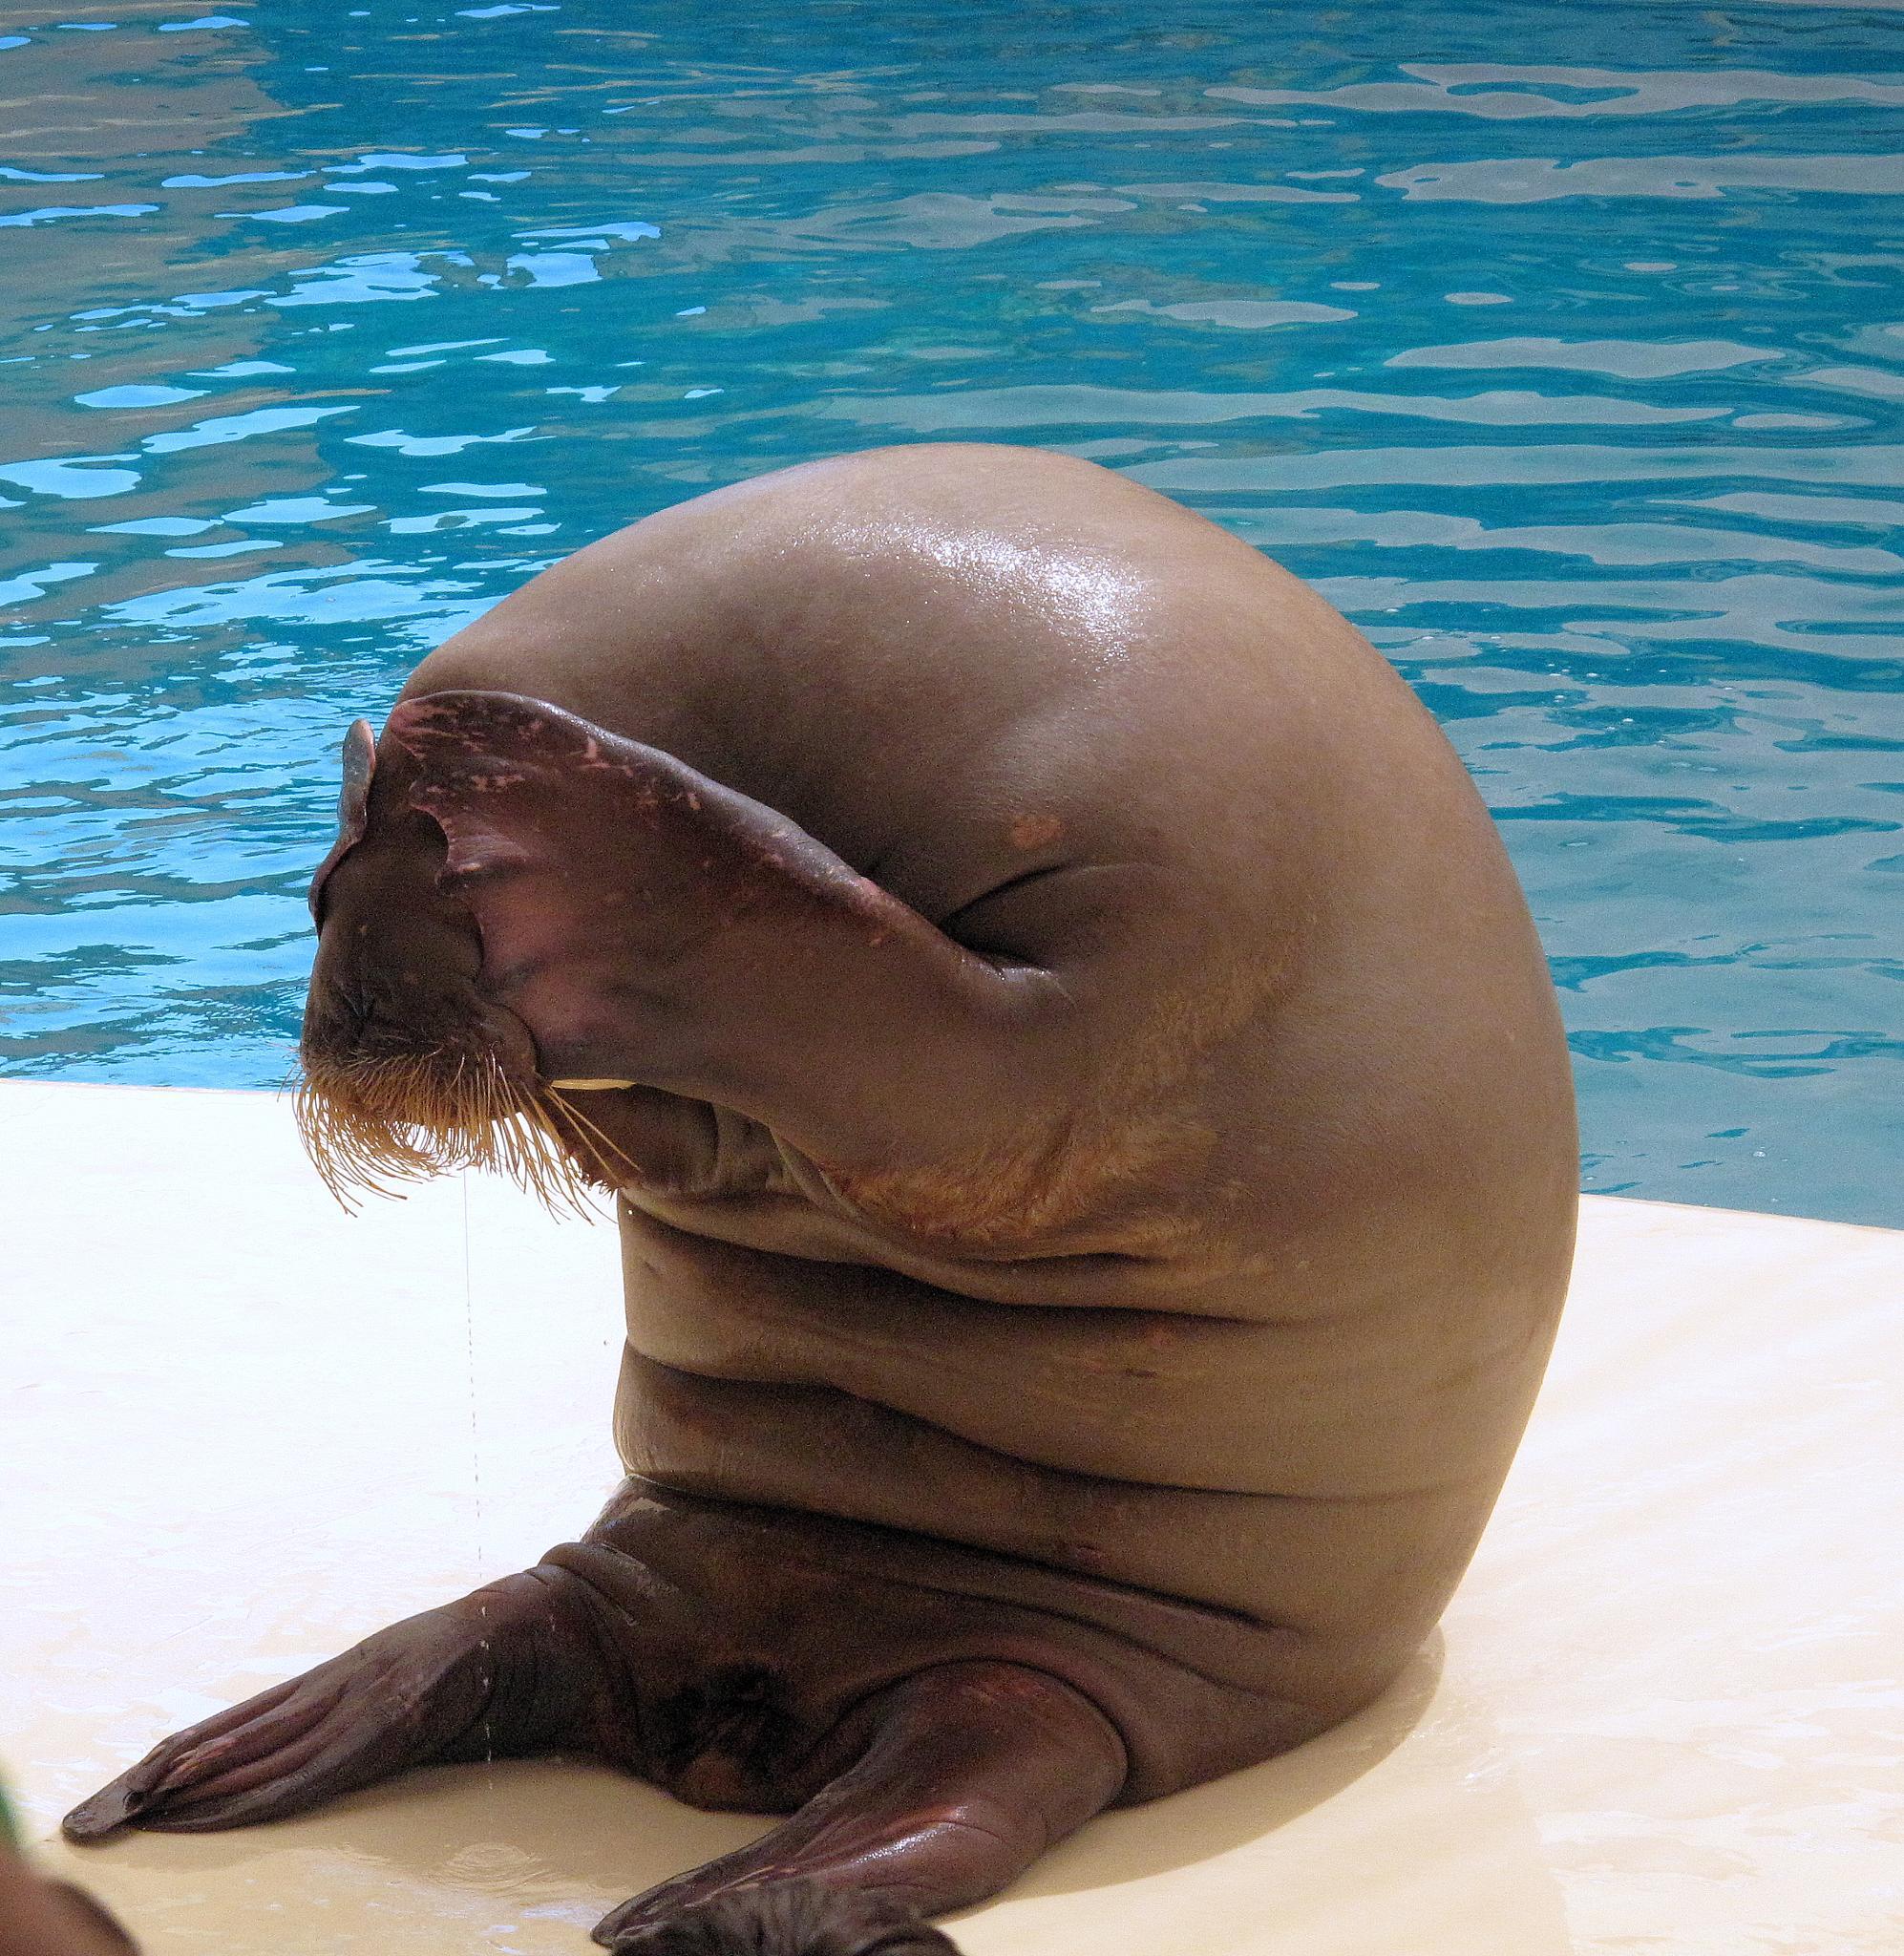 Shy walrus by Costin0509